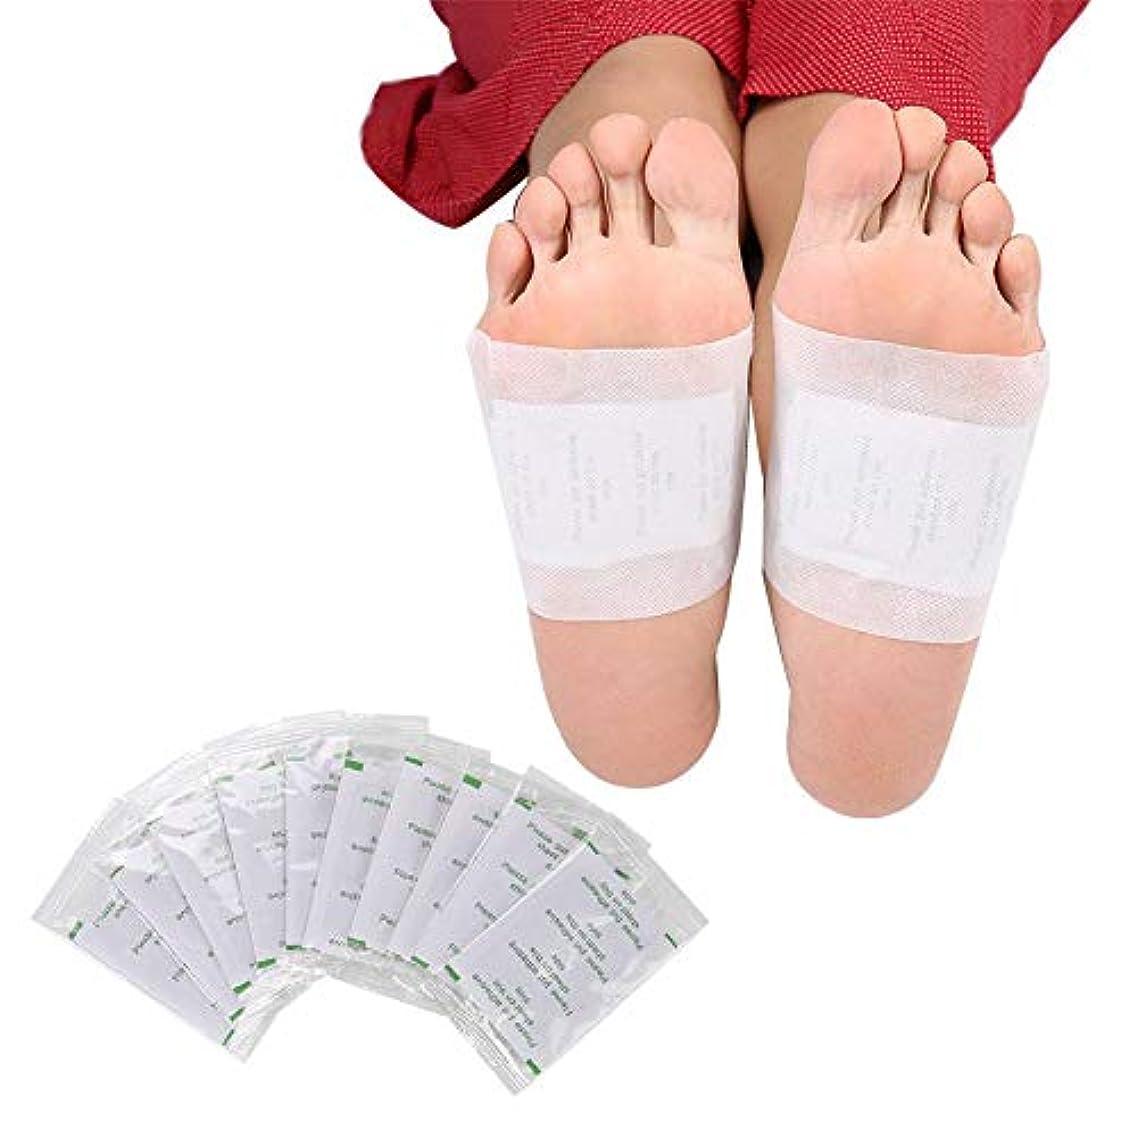 高く定刻祖母ボディデトックスフットパッチ、女性と男性の看護の足に最適なヘルスケアフット接着パッド除去毒素ストレス回復